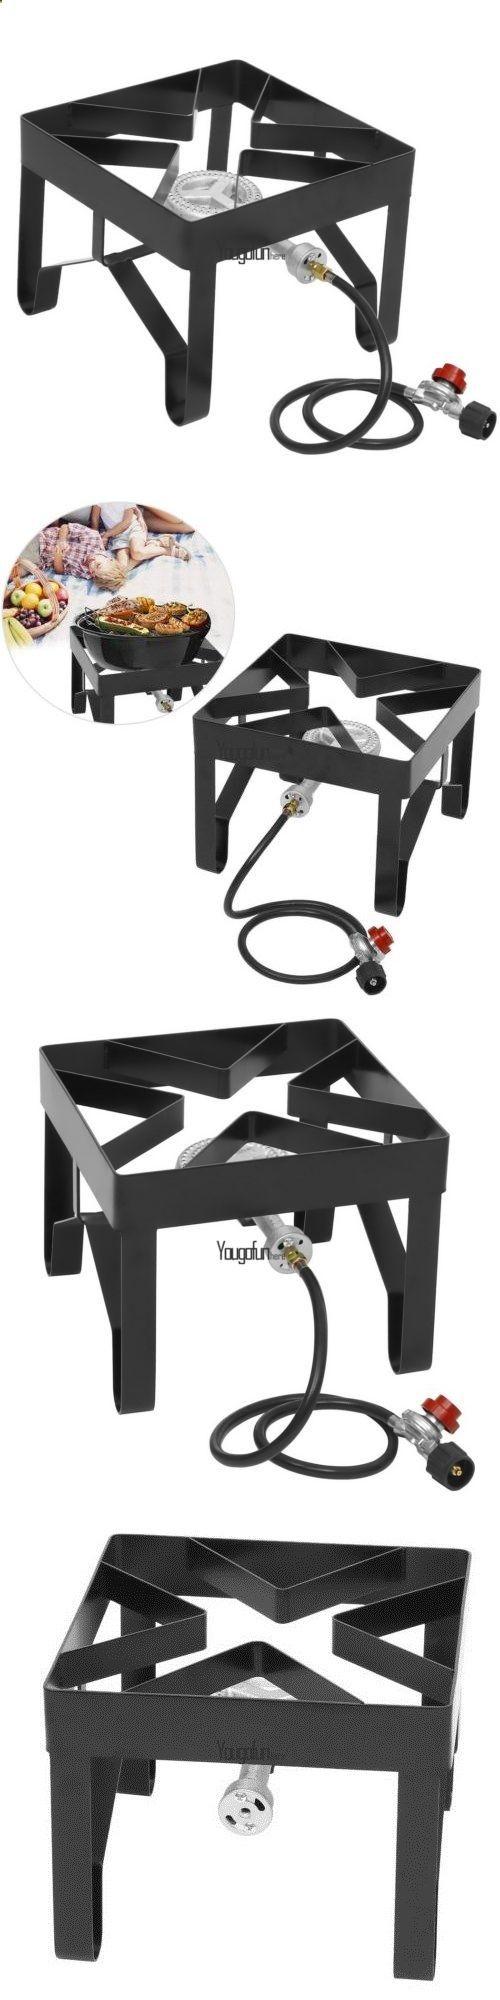 best 25 single burner propane stove ideas on pinterest log